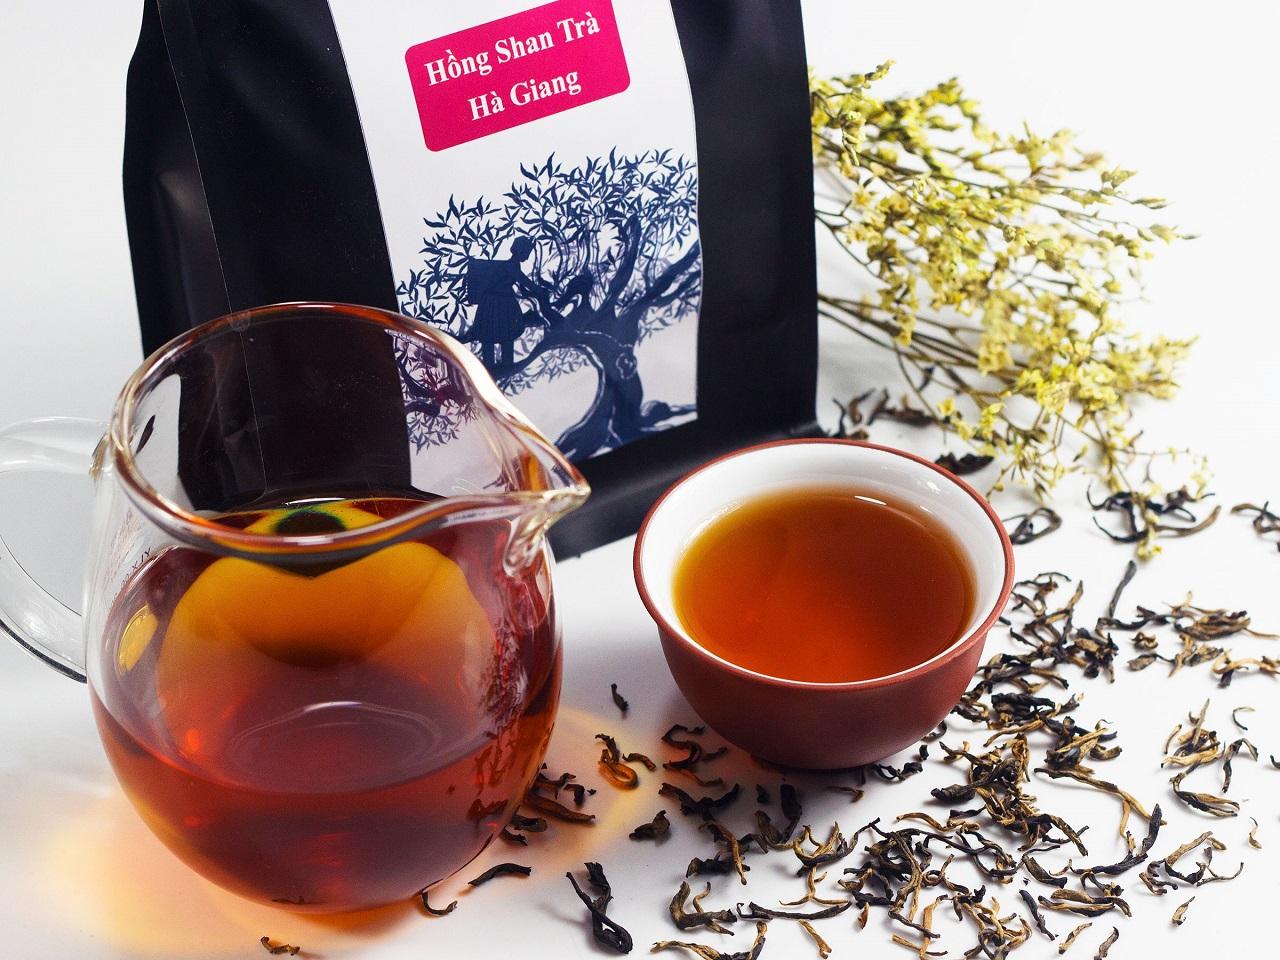 Hồng Shan Trà Hà Giang được các bậc sành trà đánh giá là một trong các loại hồng trà ngon nhất Việt Nam